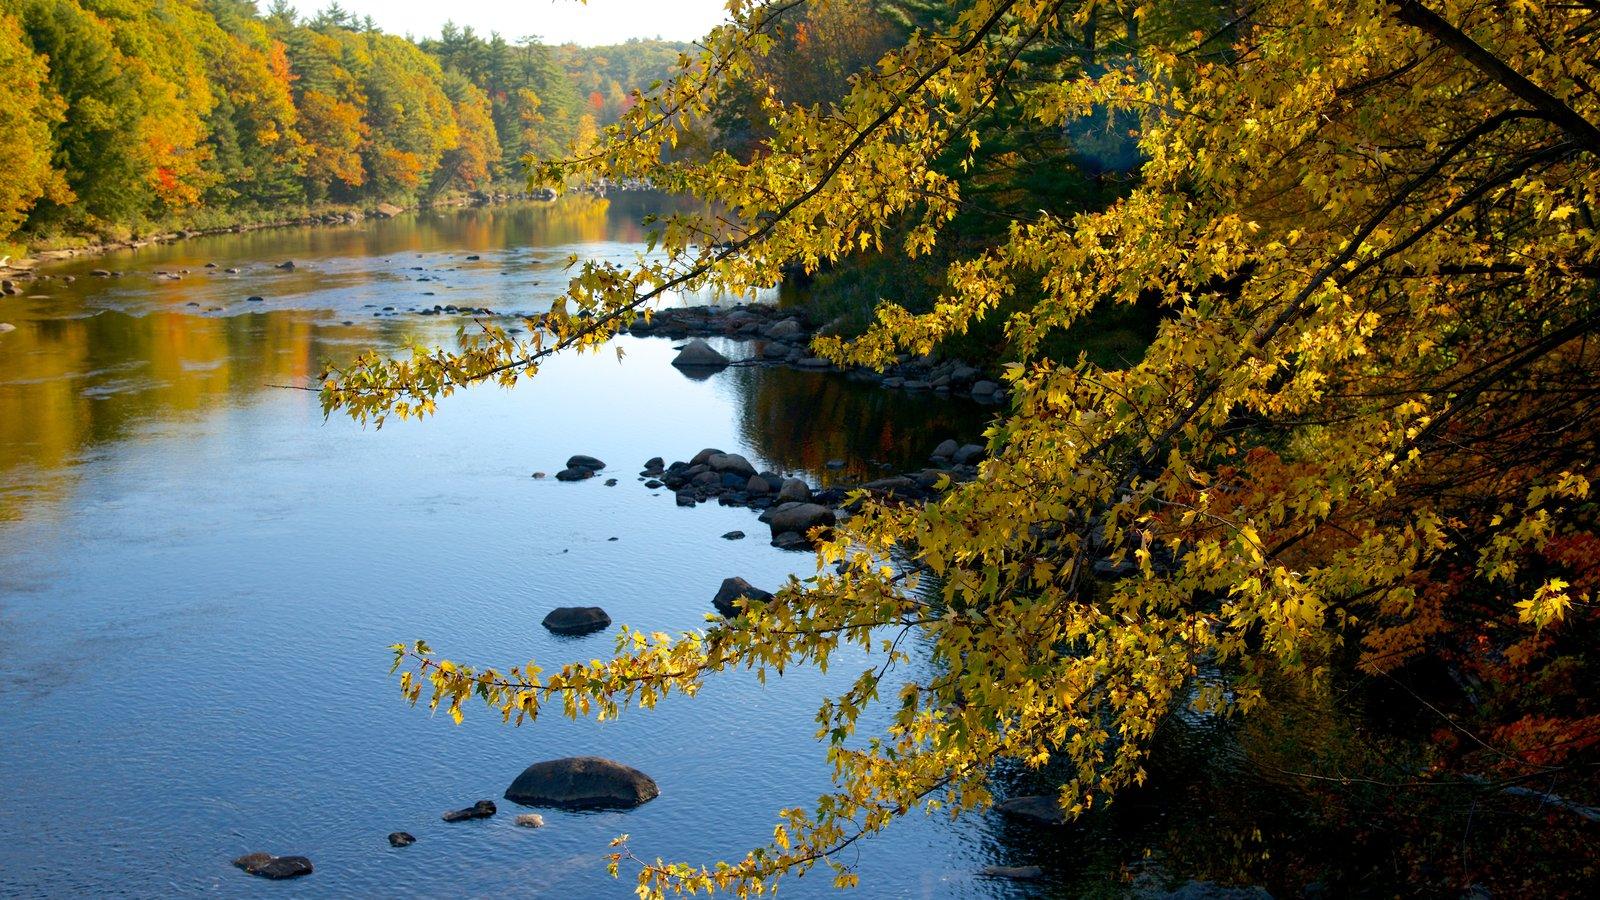 Conway mostrando los colores del otoño, un río o arroyo y un parque